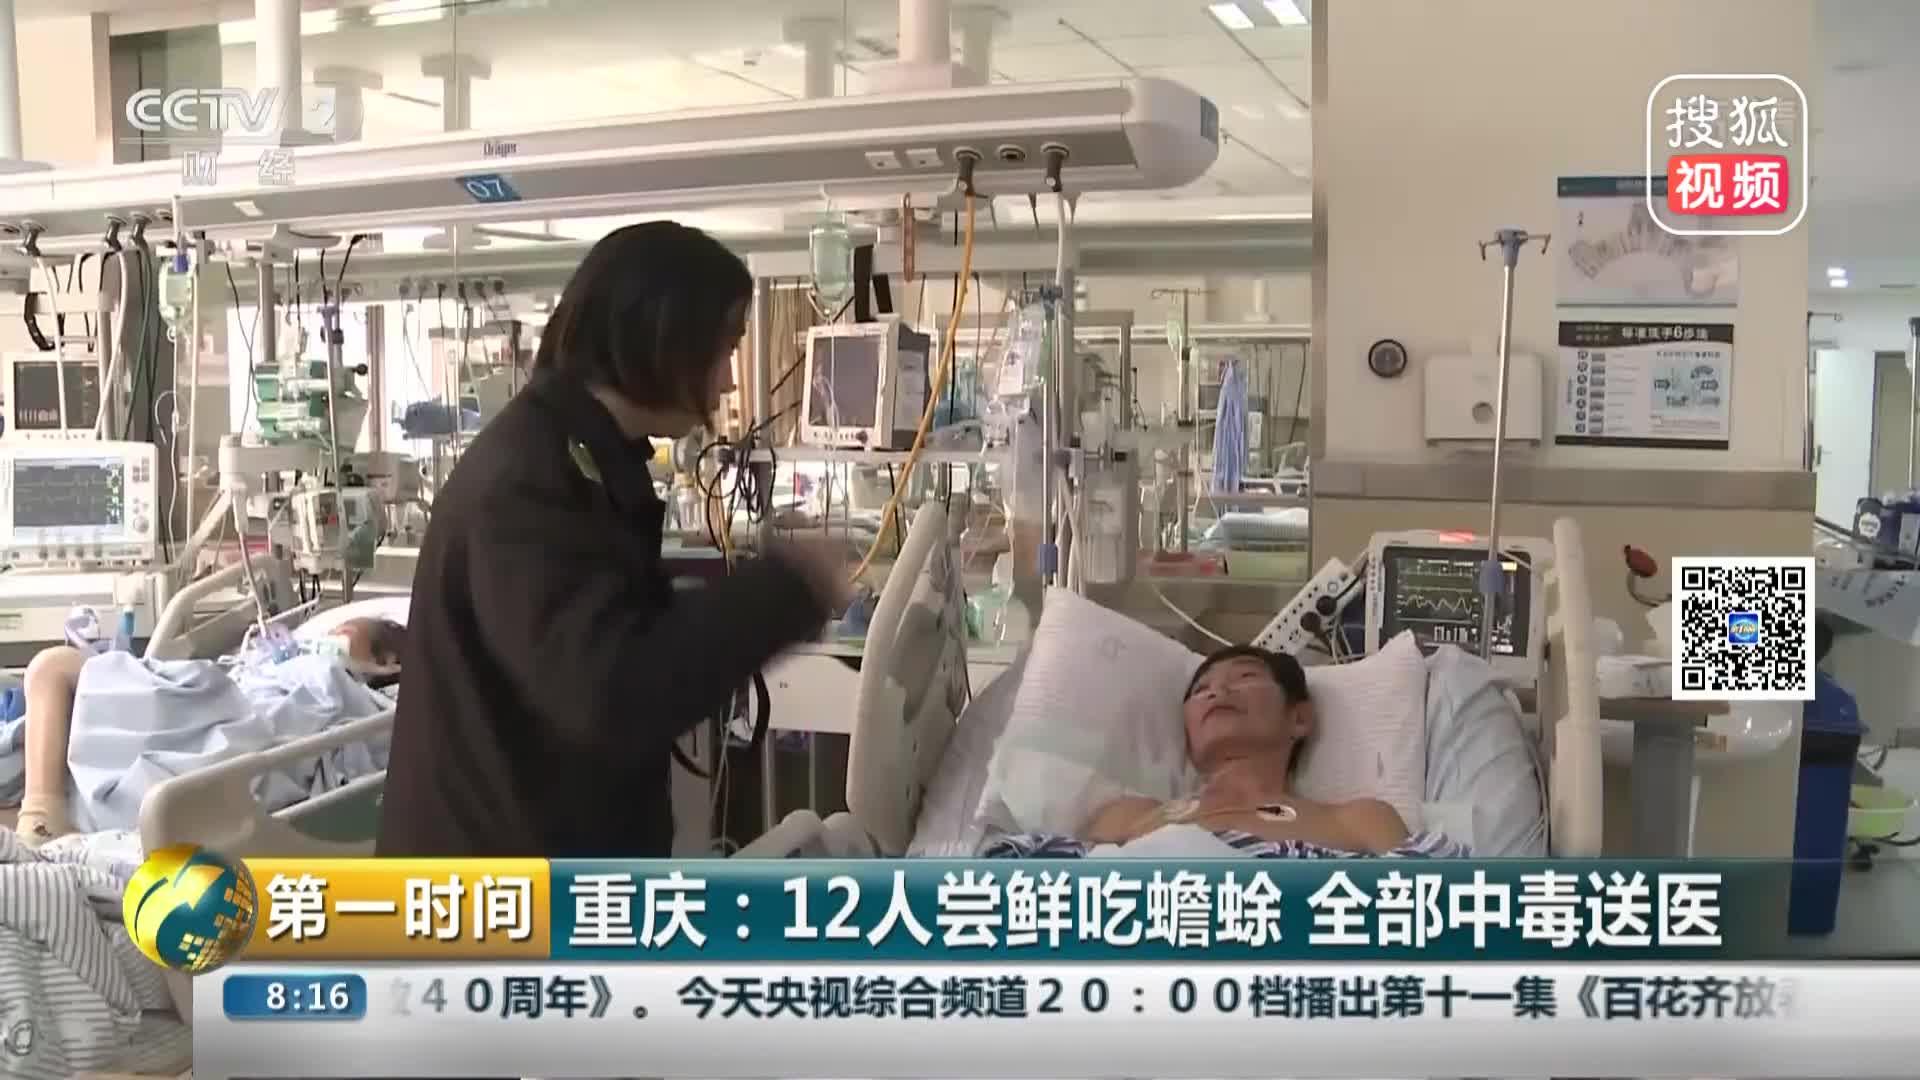 [视频]重庆:12人尝鲜吃蟾蜍 全部中毒送医